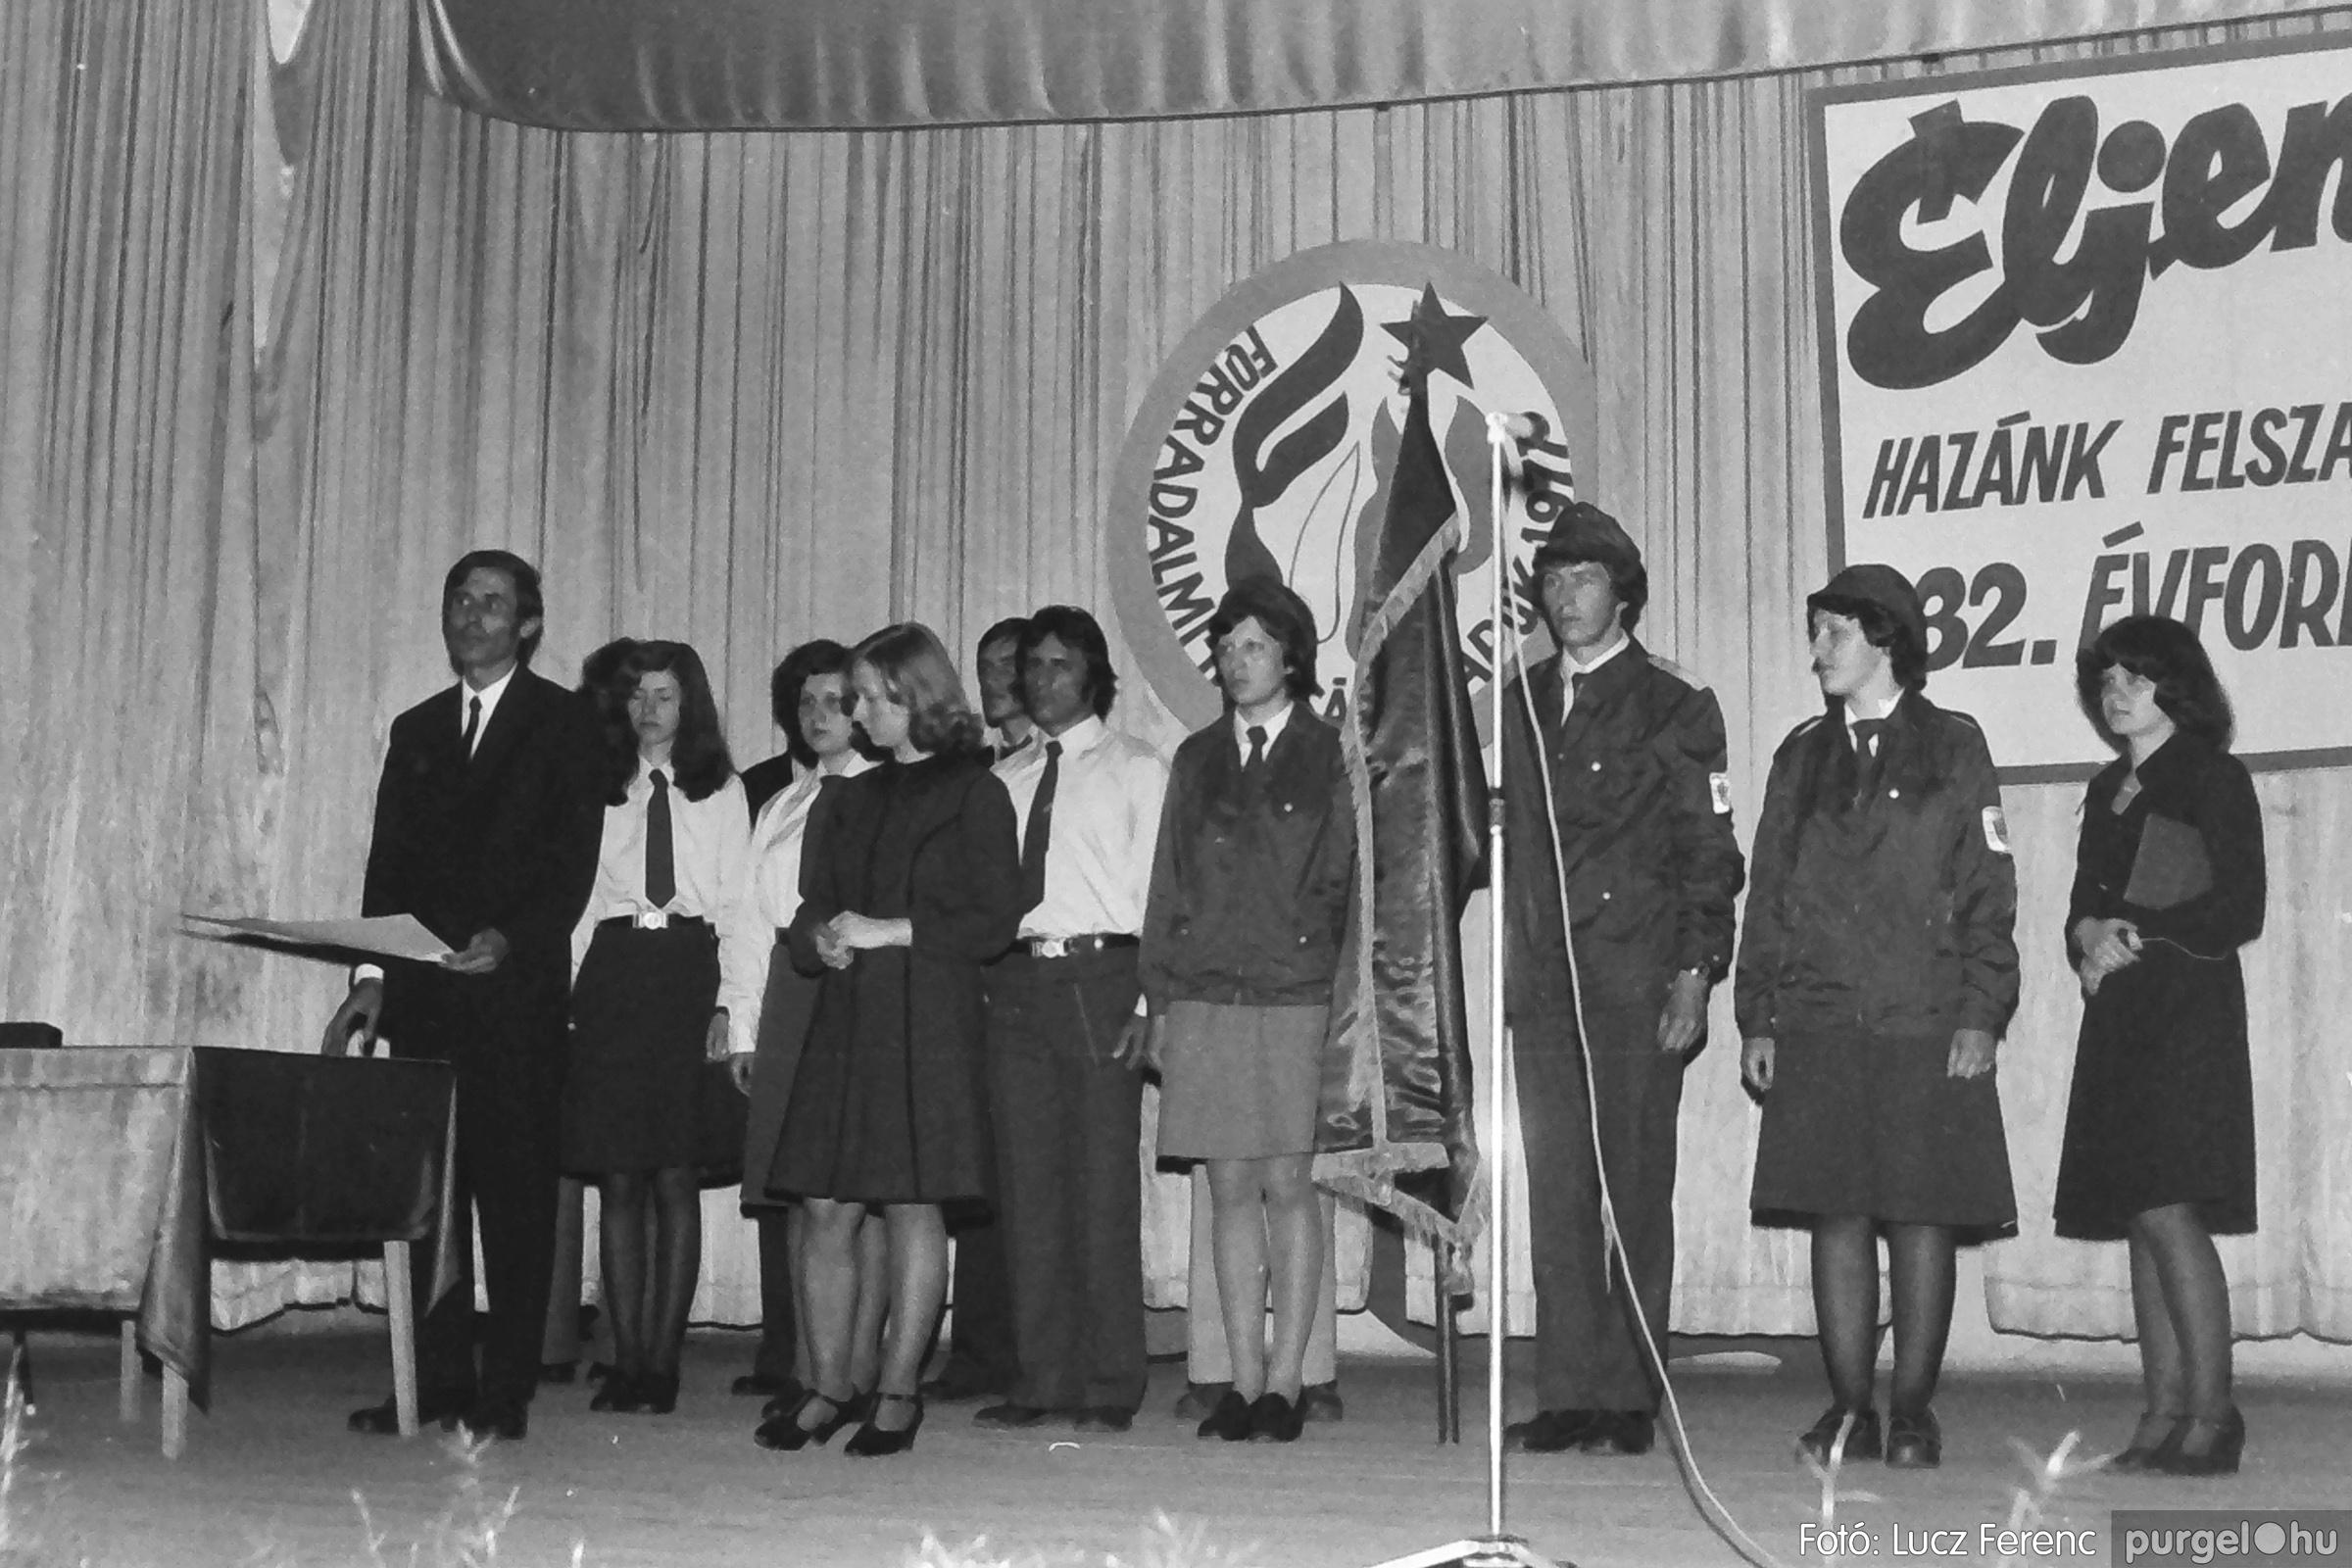 078. 1977.04.04. Április 4-i ünnepség 030. - Fotó: Lucz Ferenc.jpg